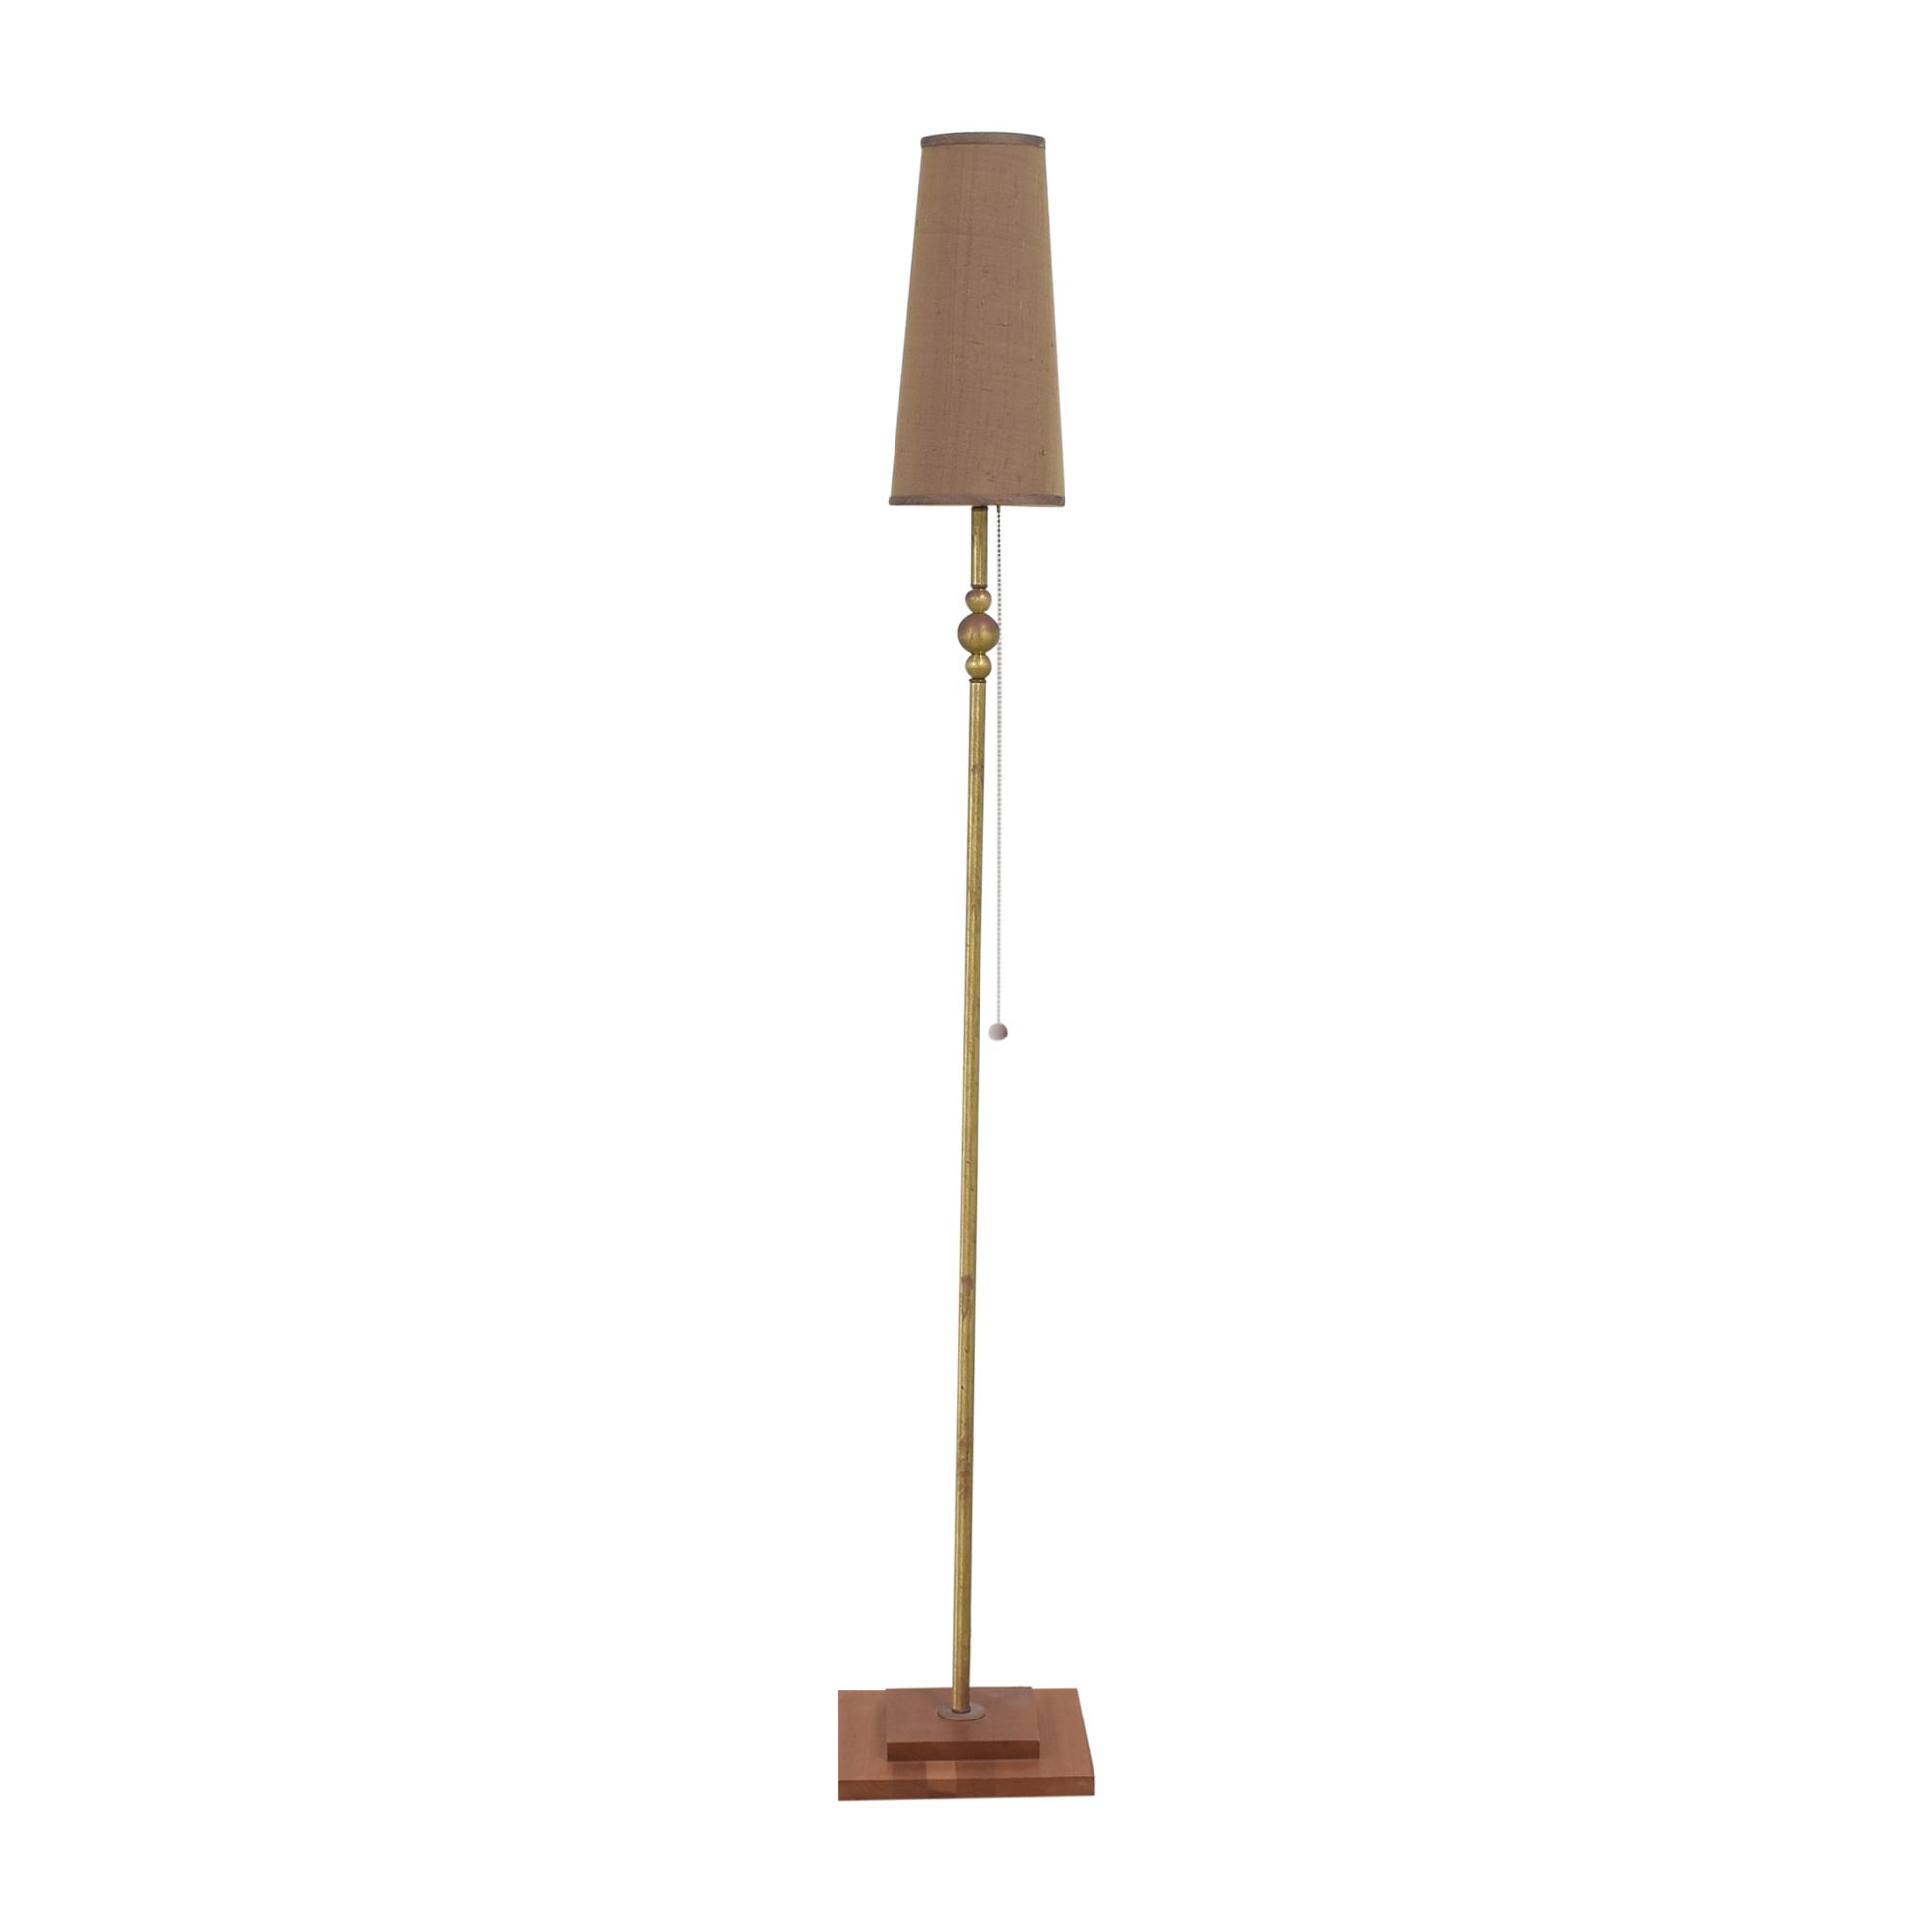 CX Design CX Design Floor Lamp ct